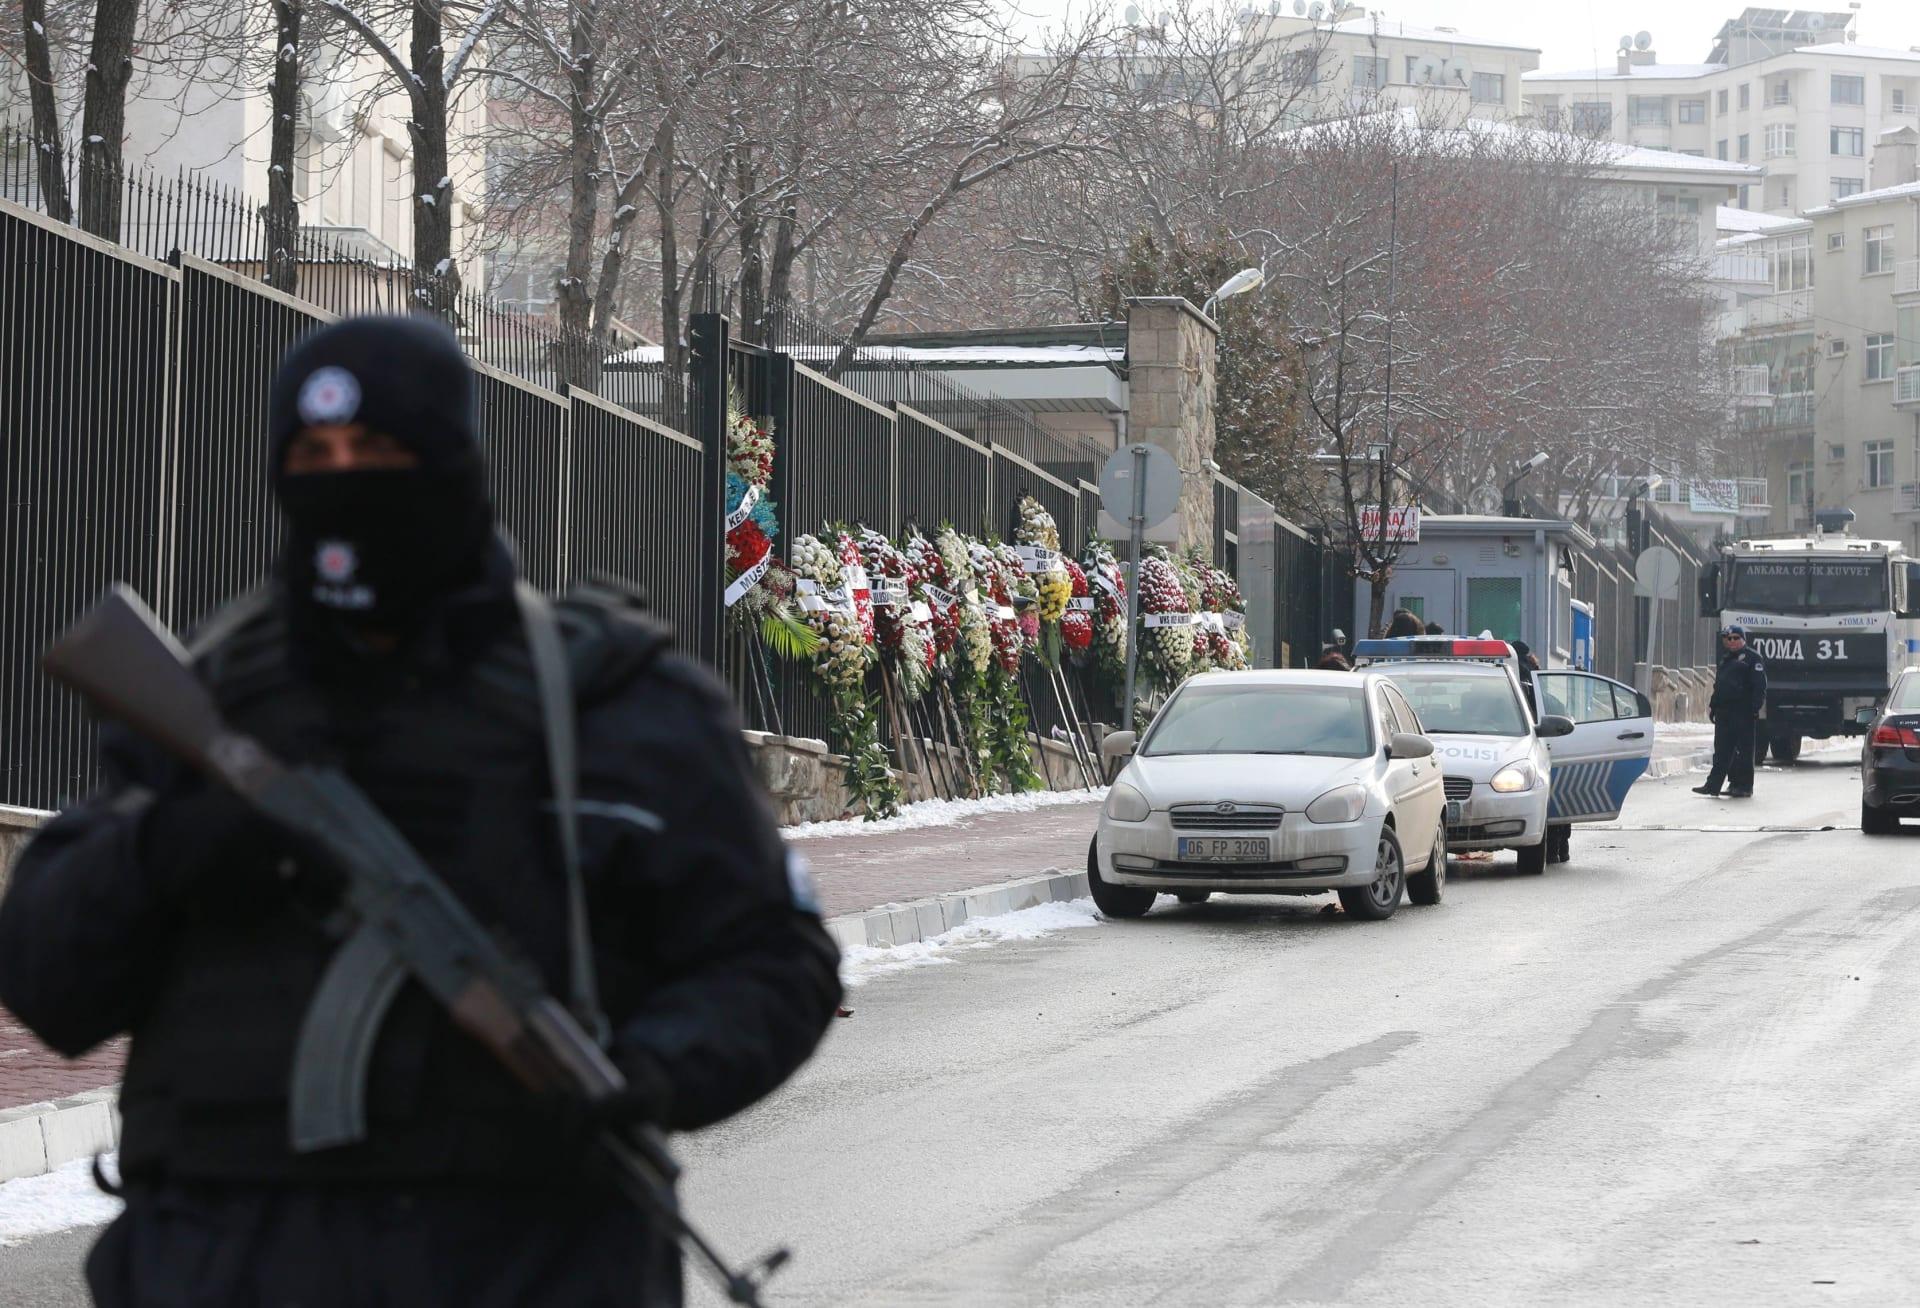 موسكو تودع جثمان سفيرها بتركيا وأردوغان يشرح لماذا لم يُعتقل القاتل حيا